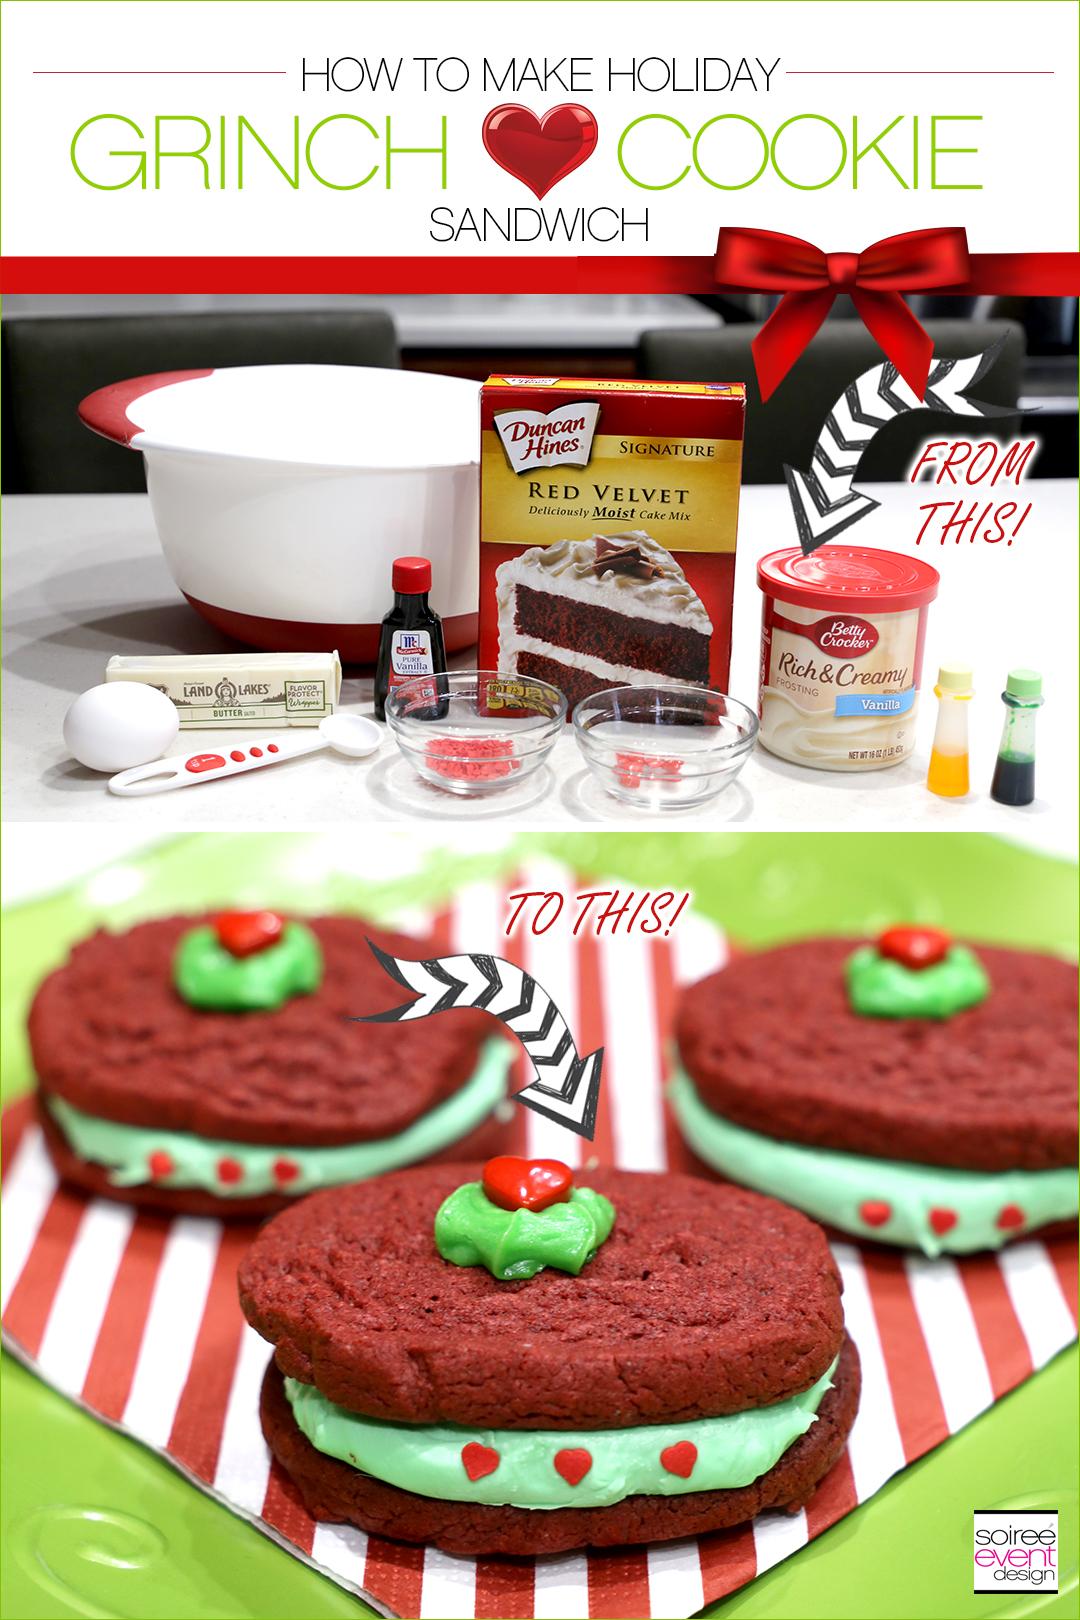 Grinch Dessert Ideas - Grinch Heart Sandwich Tutorial